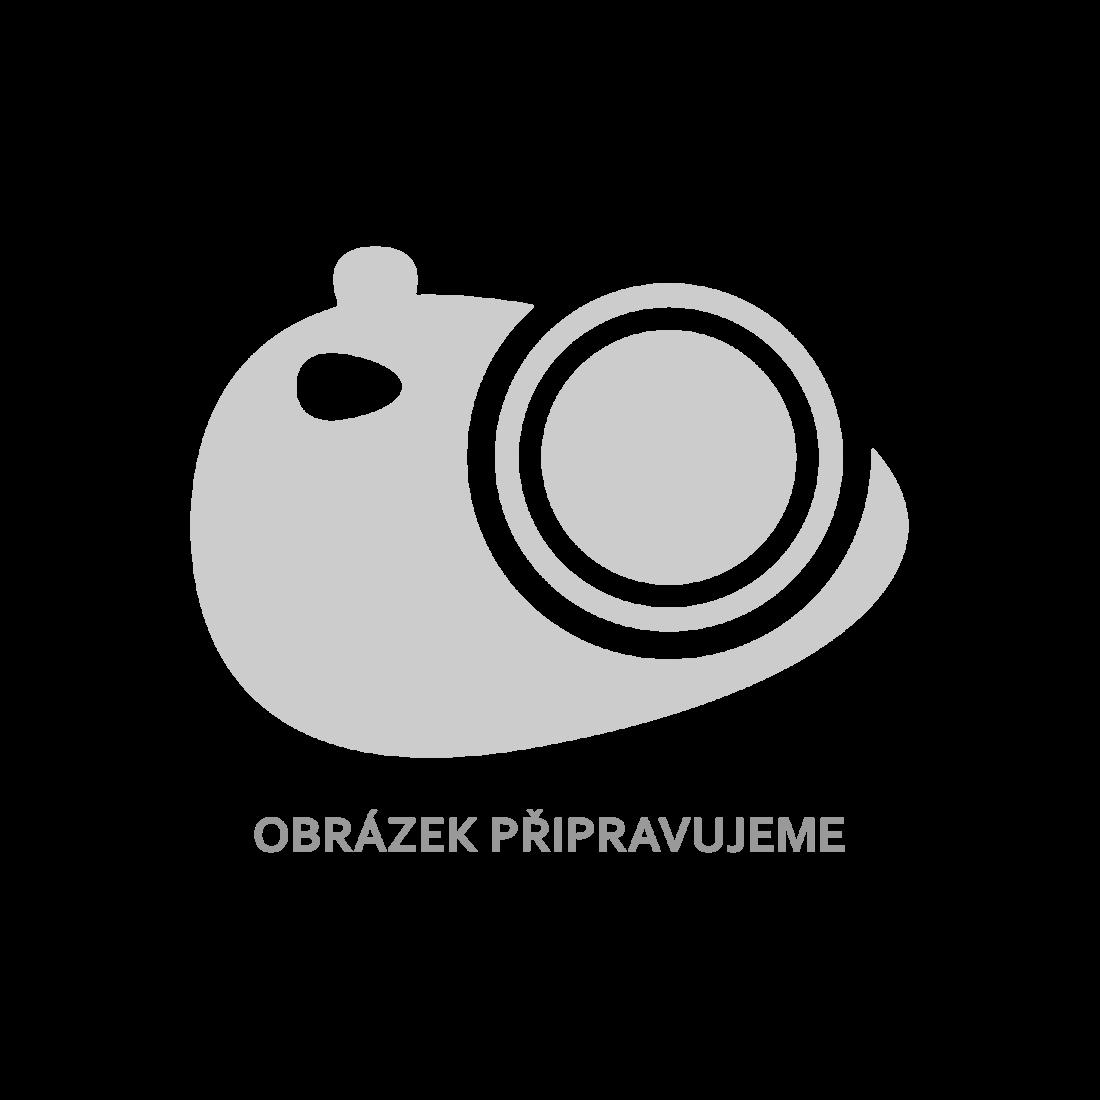 vidaXL Konferenční stolek 110 x 50 x 40 cm masivní recyklované dřevo [286487]